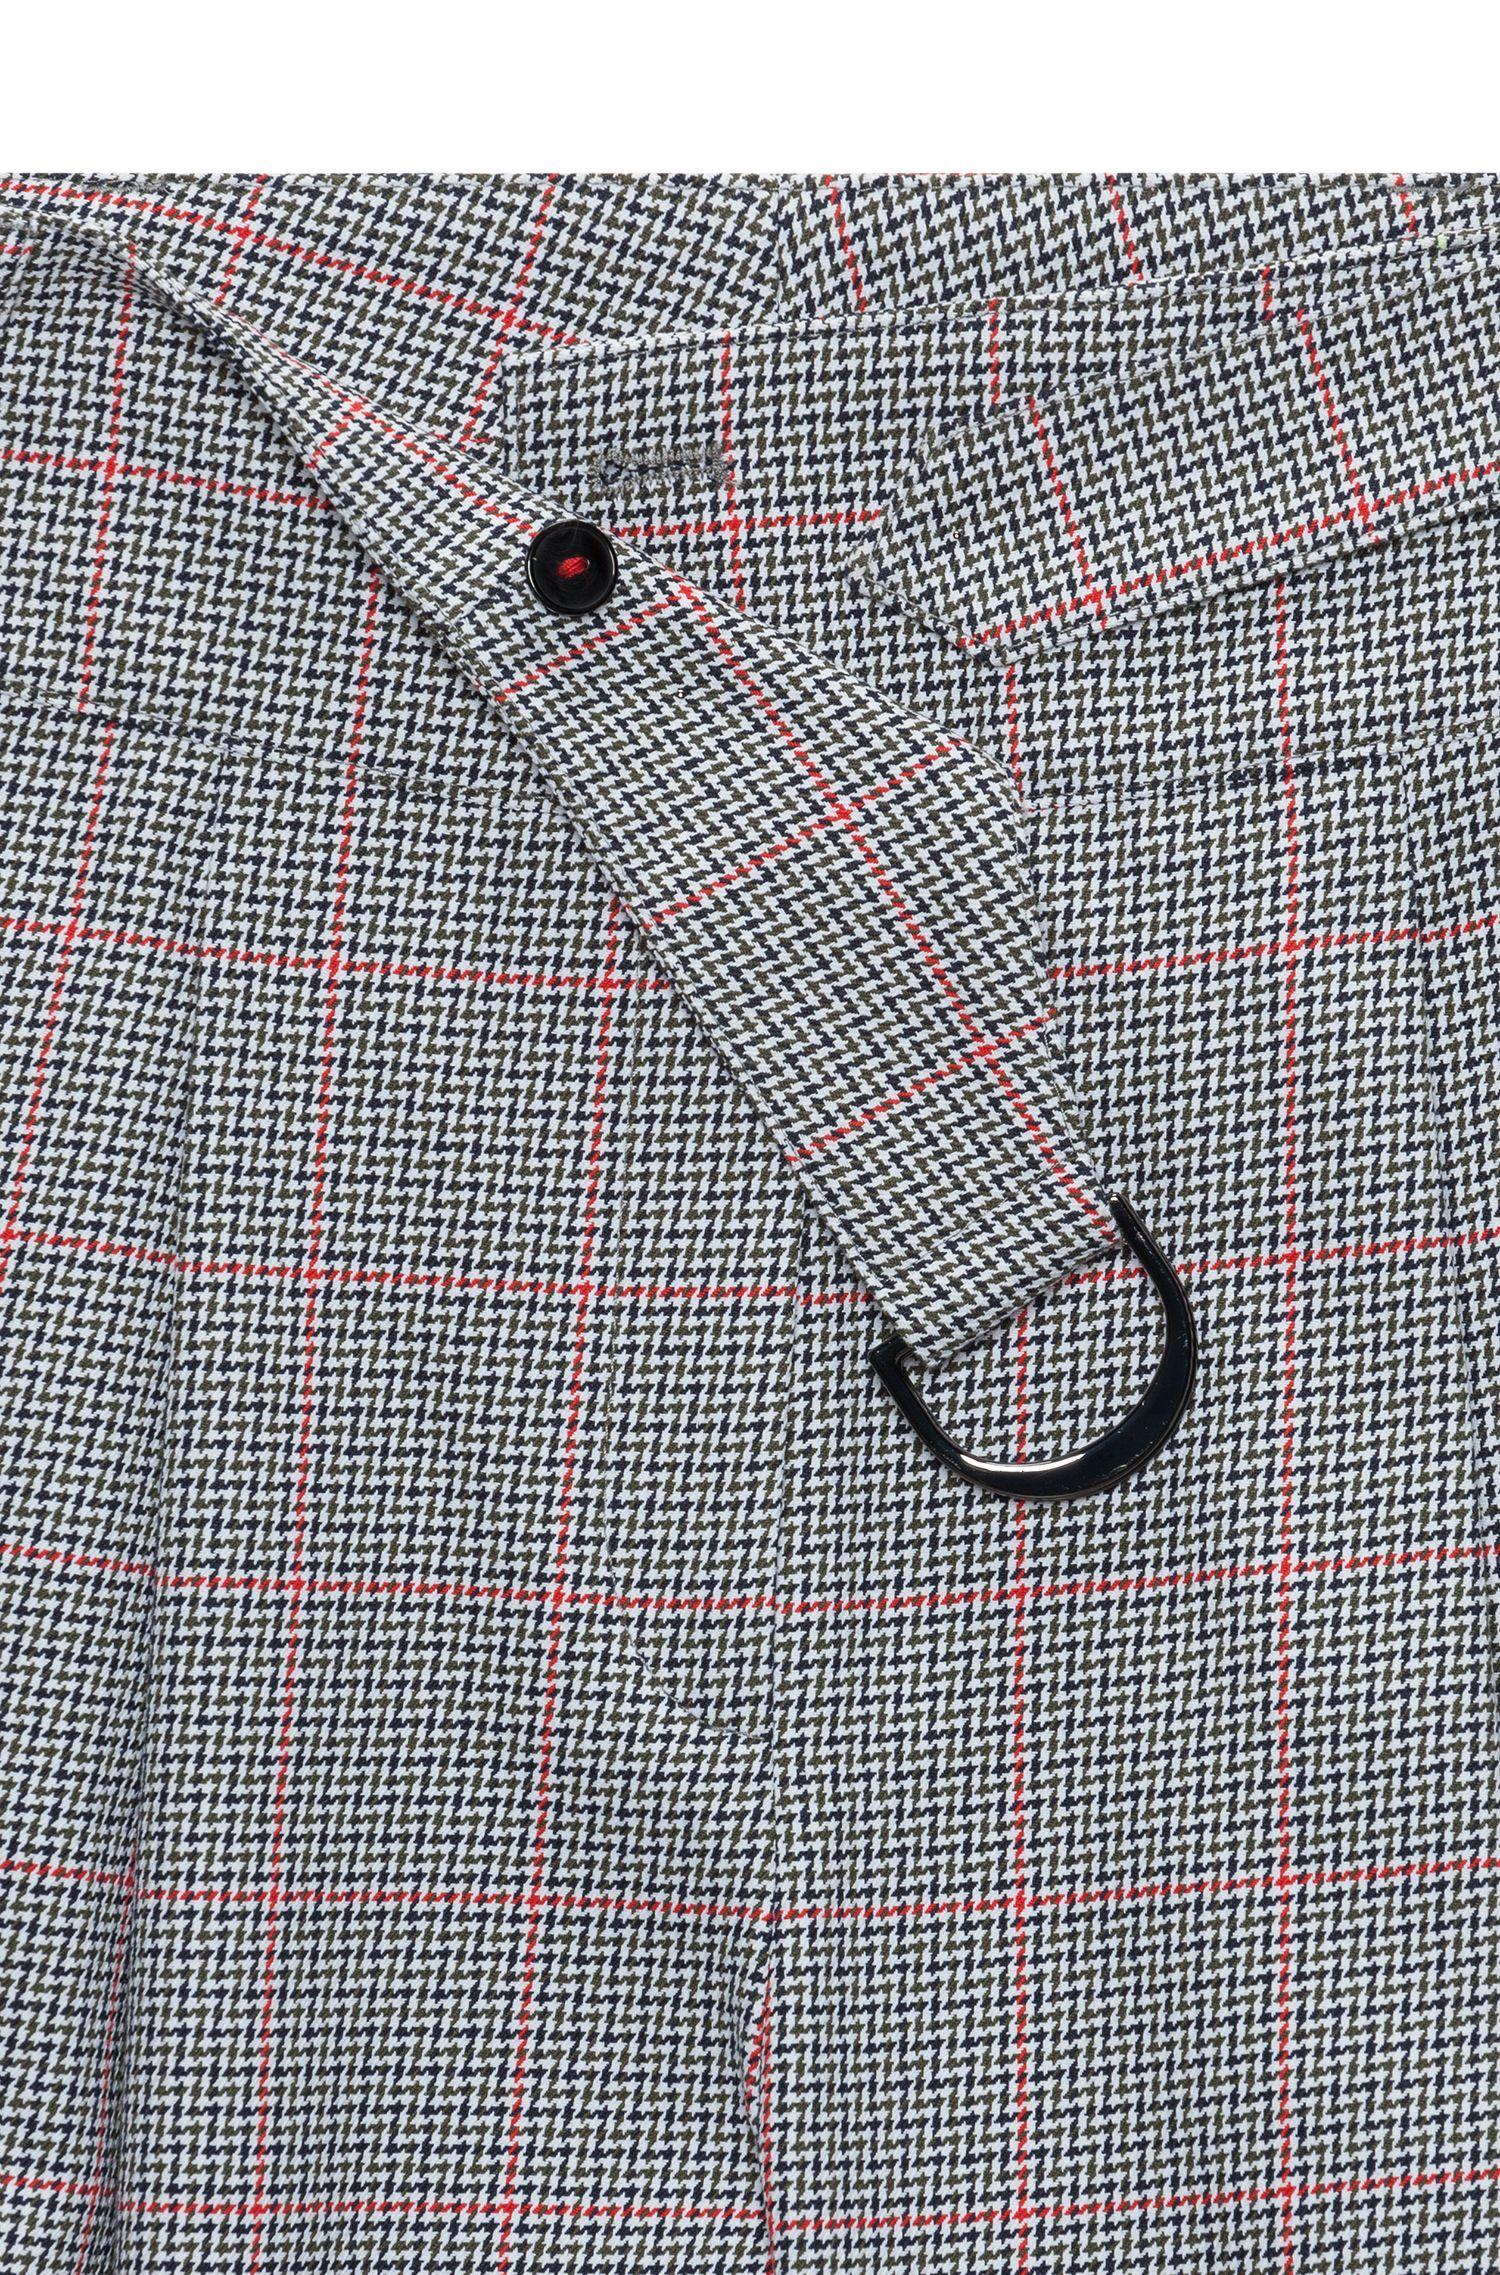 Pantalones de algodón con corte de pernera cónico y cuadros en zigzag